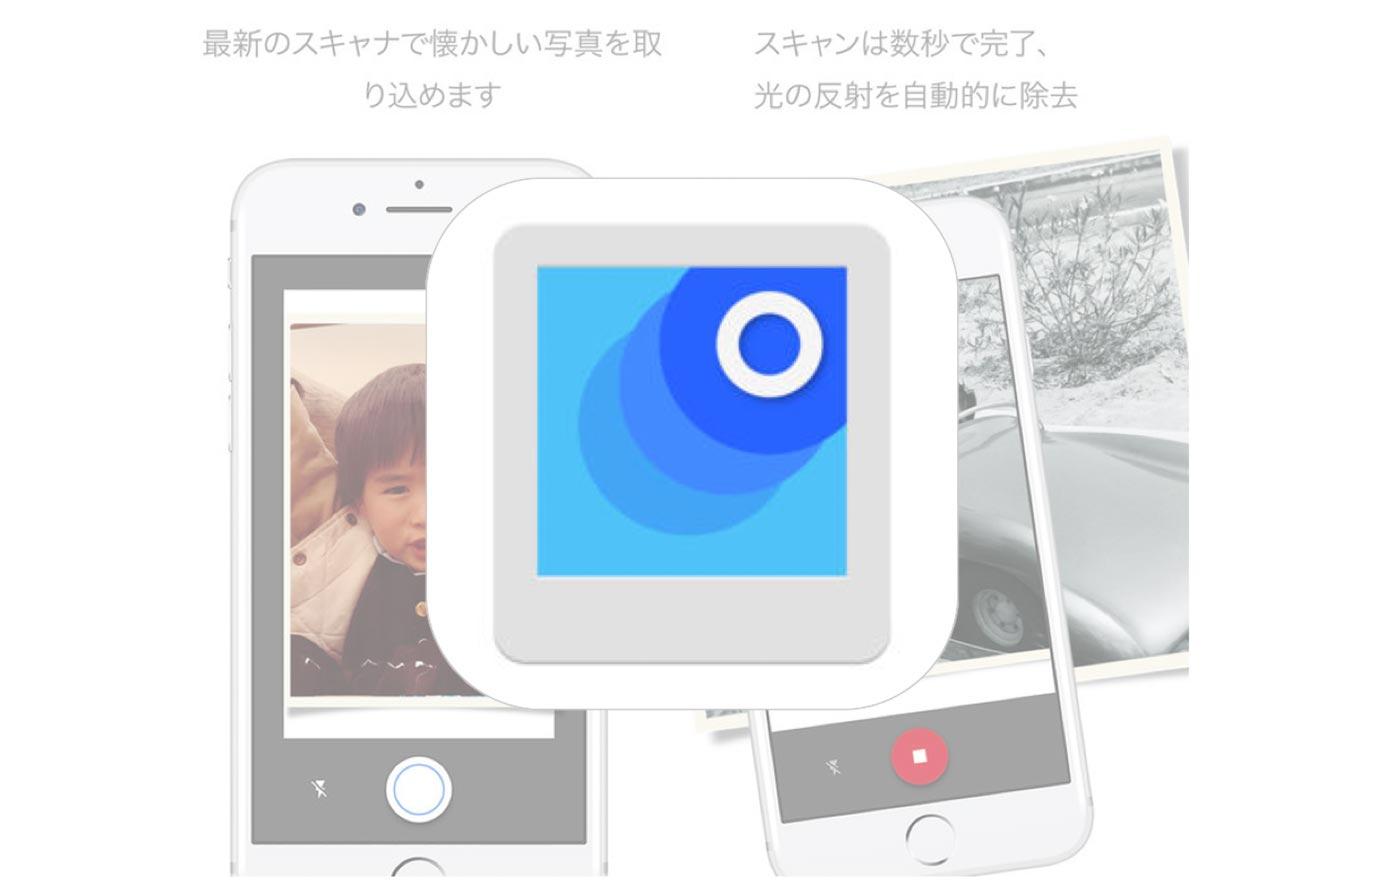 iOS向けアプリ「フォトスキャン by Google フォト」がアップデートで、スキャンと保存がより簡単に